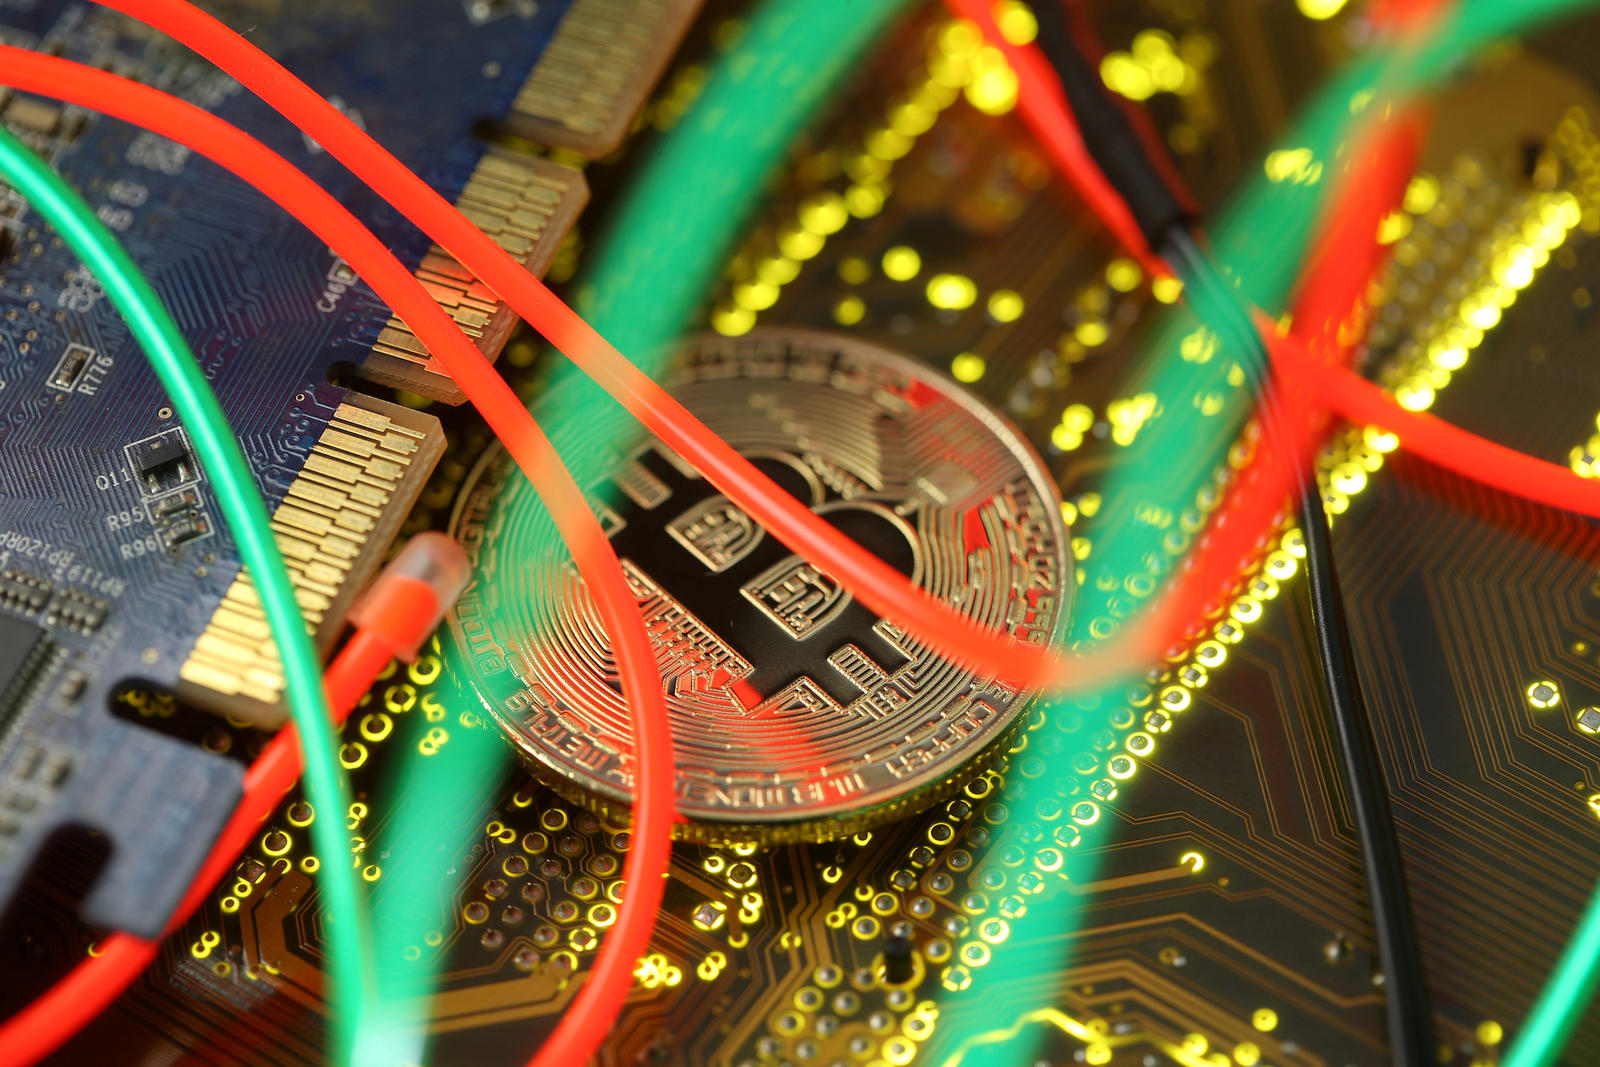 Elektrinės bitcoin piniginės adresą: Dvejetainiai variantai pro signalus peržiūri m.